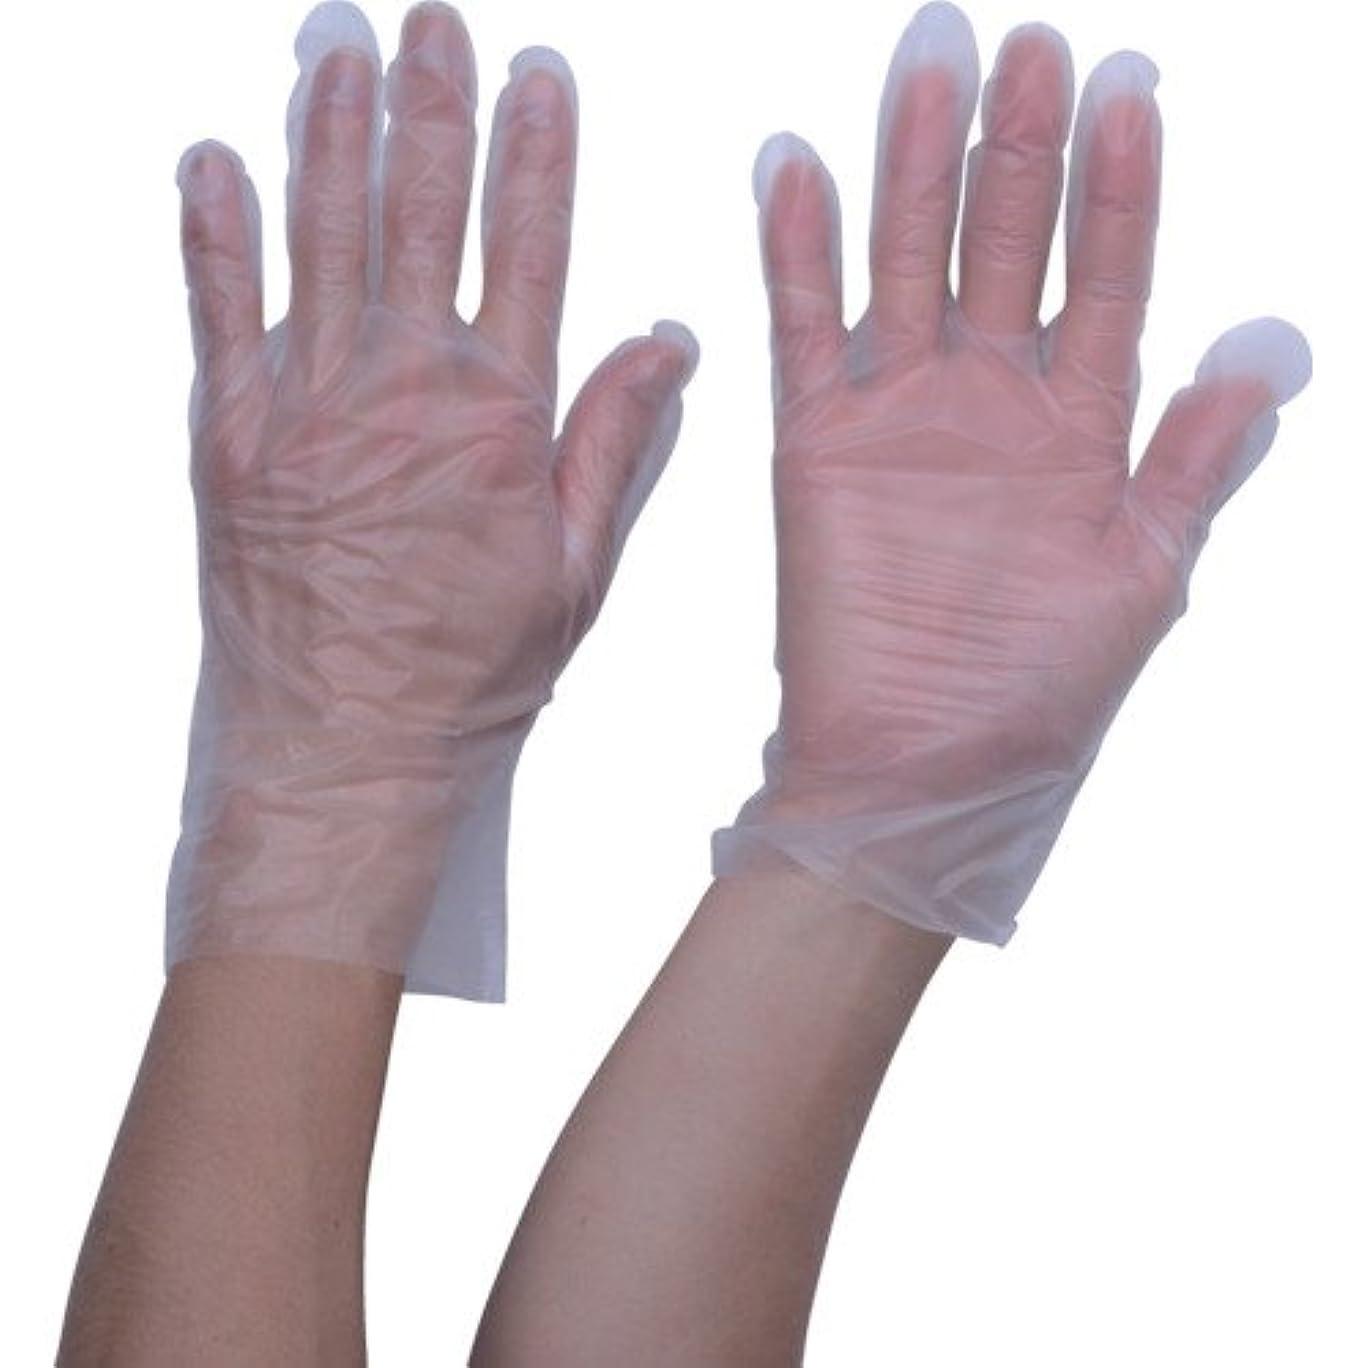 メタン礼拝十分にTRUSCO ポリエチレン 使い捨て手袋 ウェーブカットタイプM (100枚入)(入数:100枚) TGCPE025M